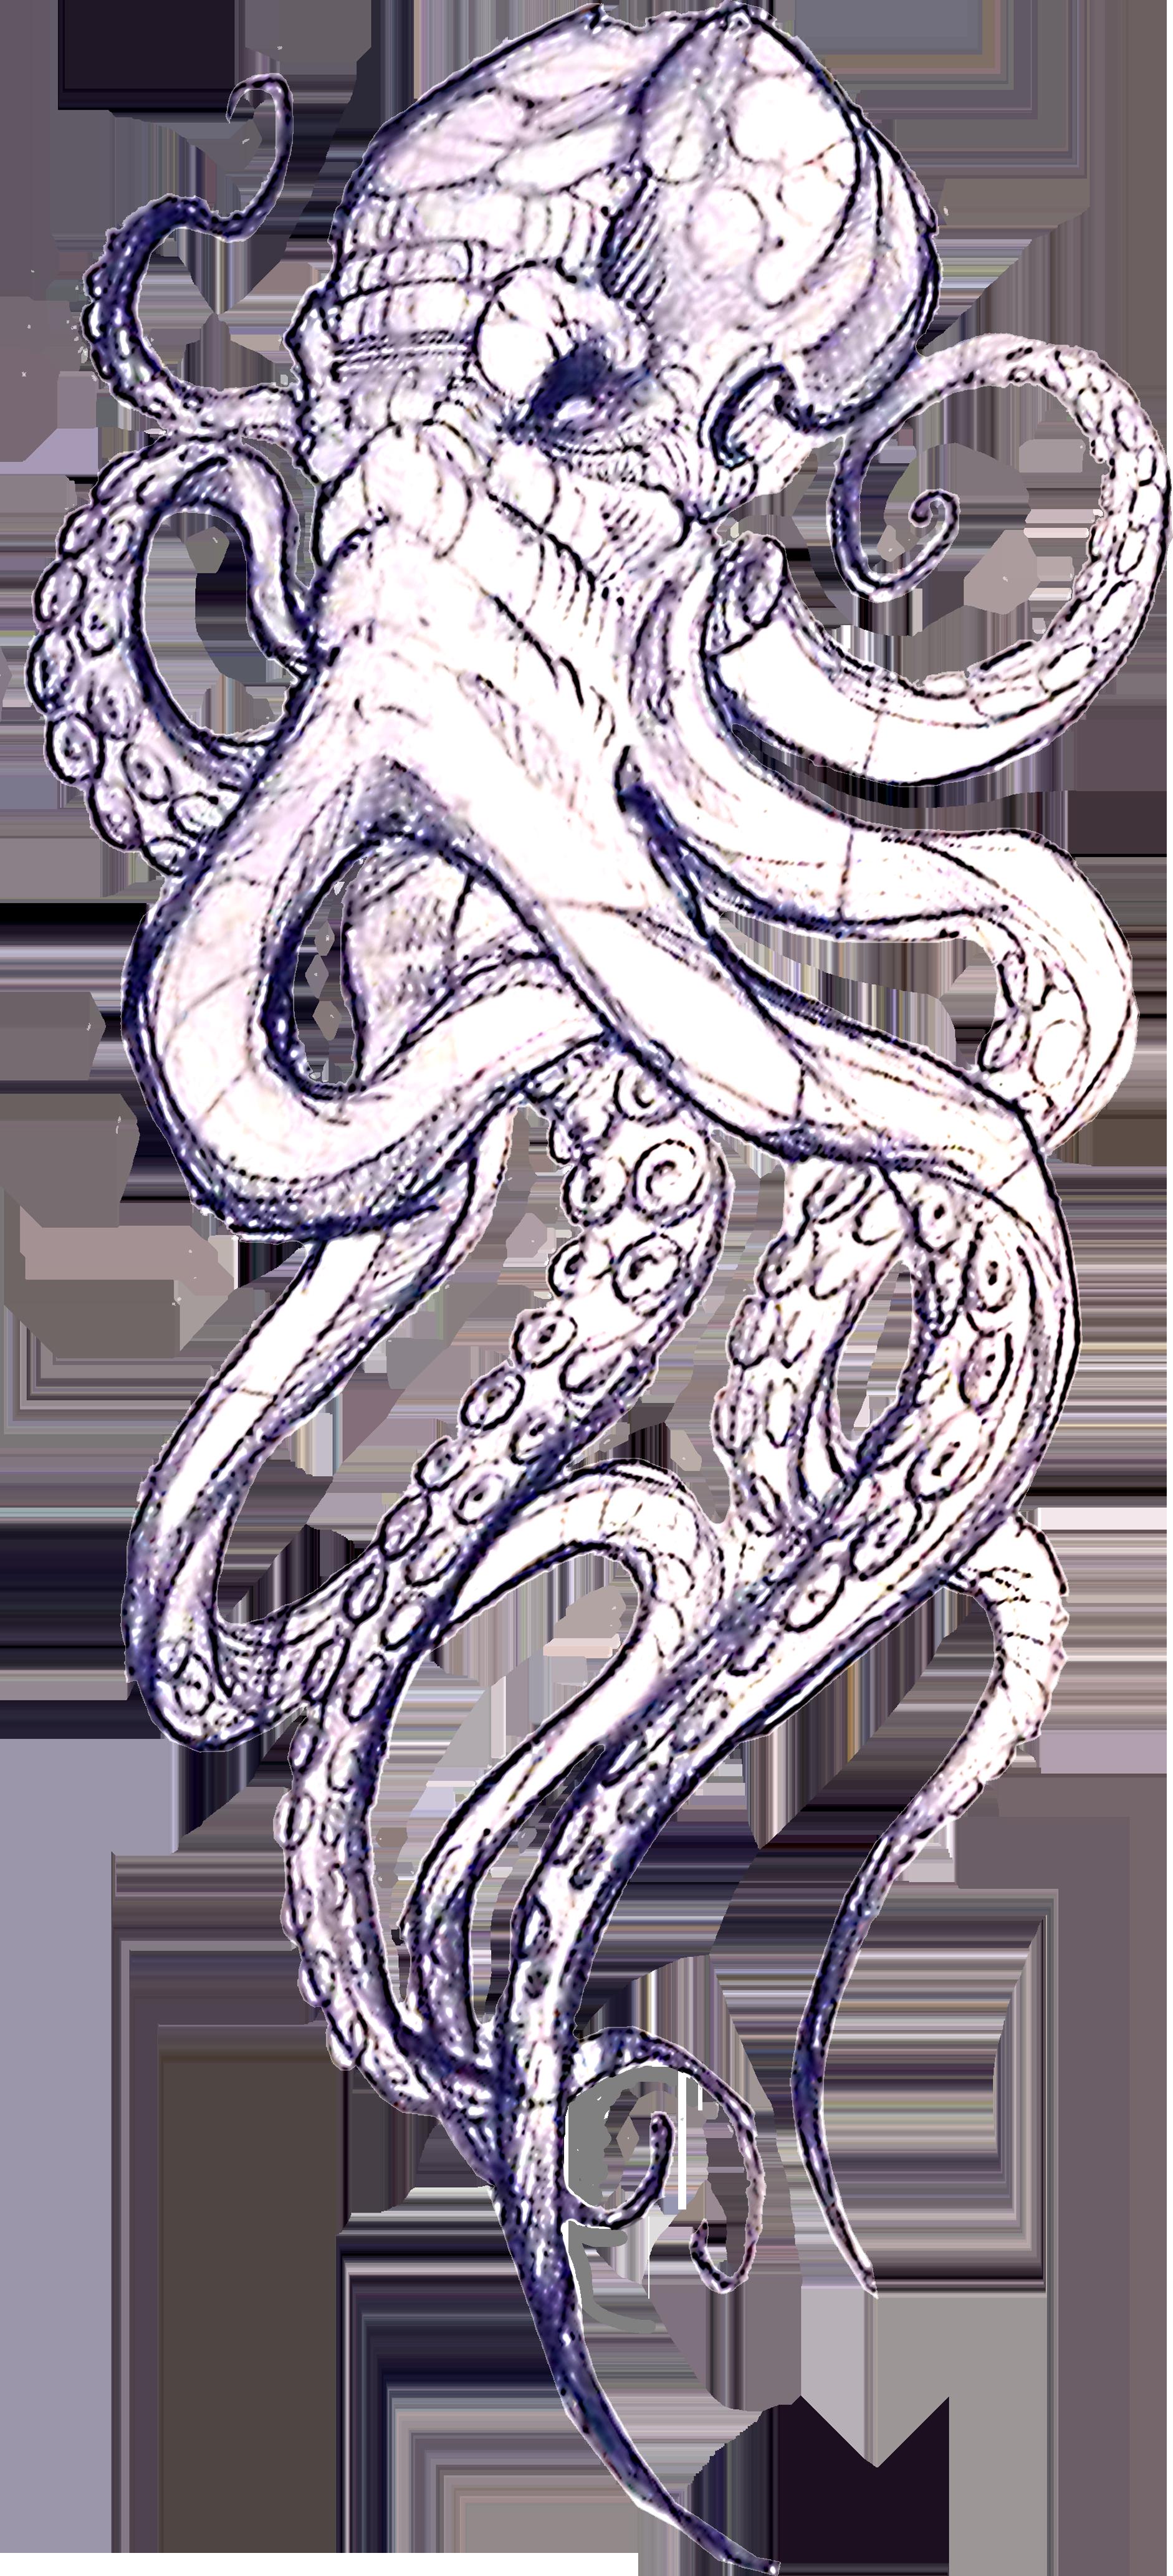 , steampunkoctopustattoodesign in 2020 Kraken tattoo